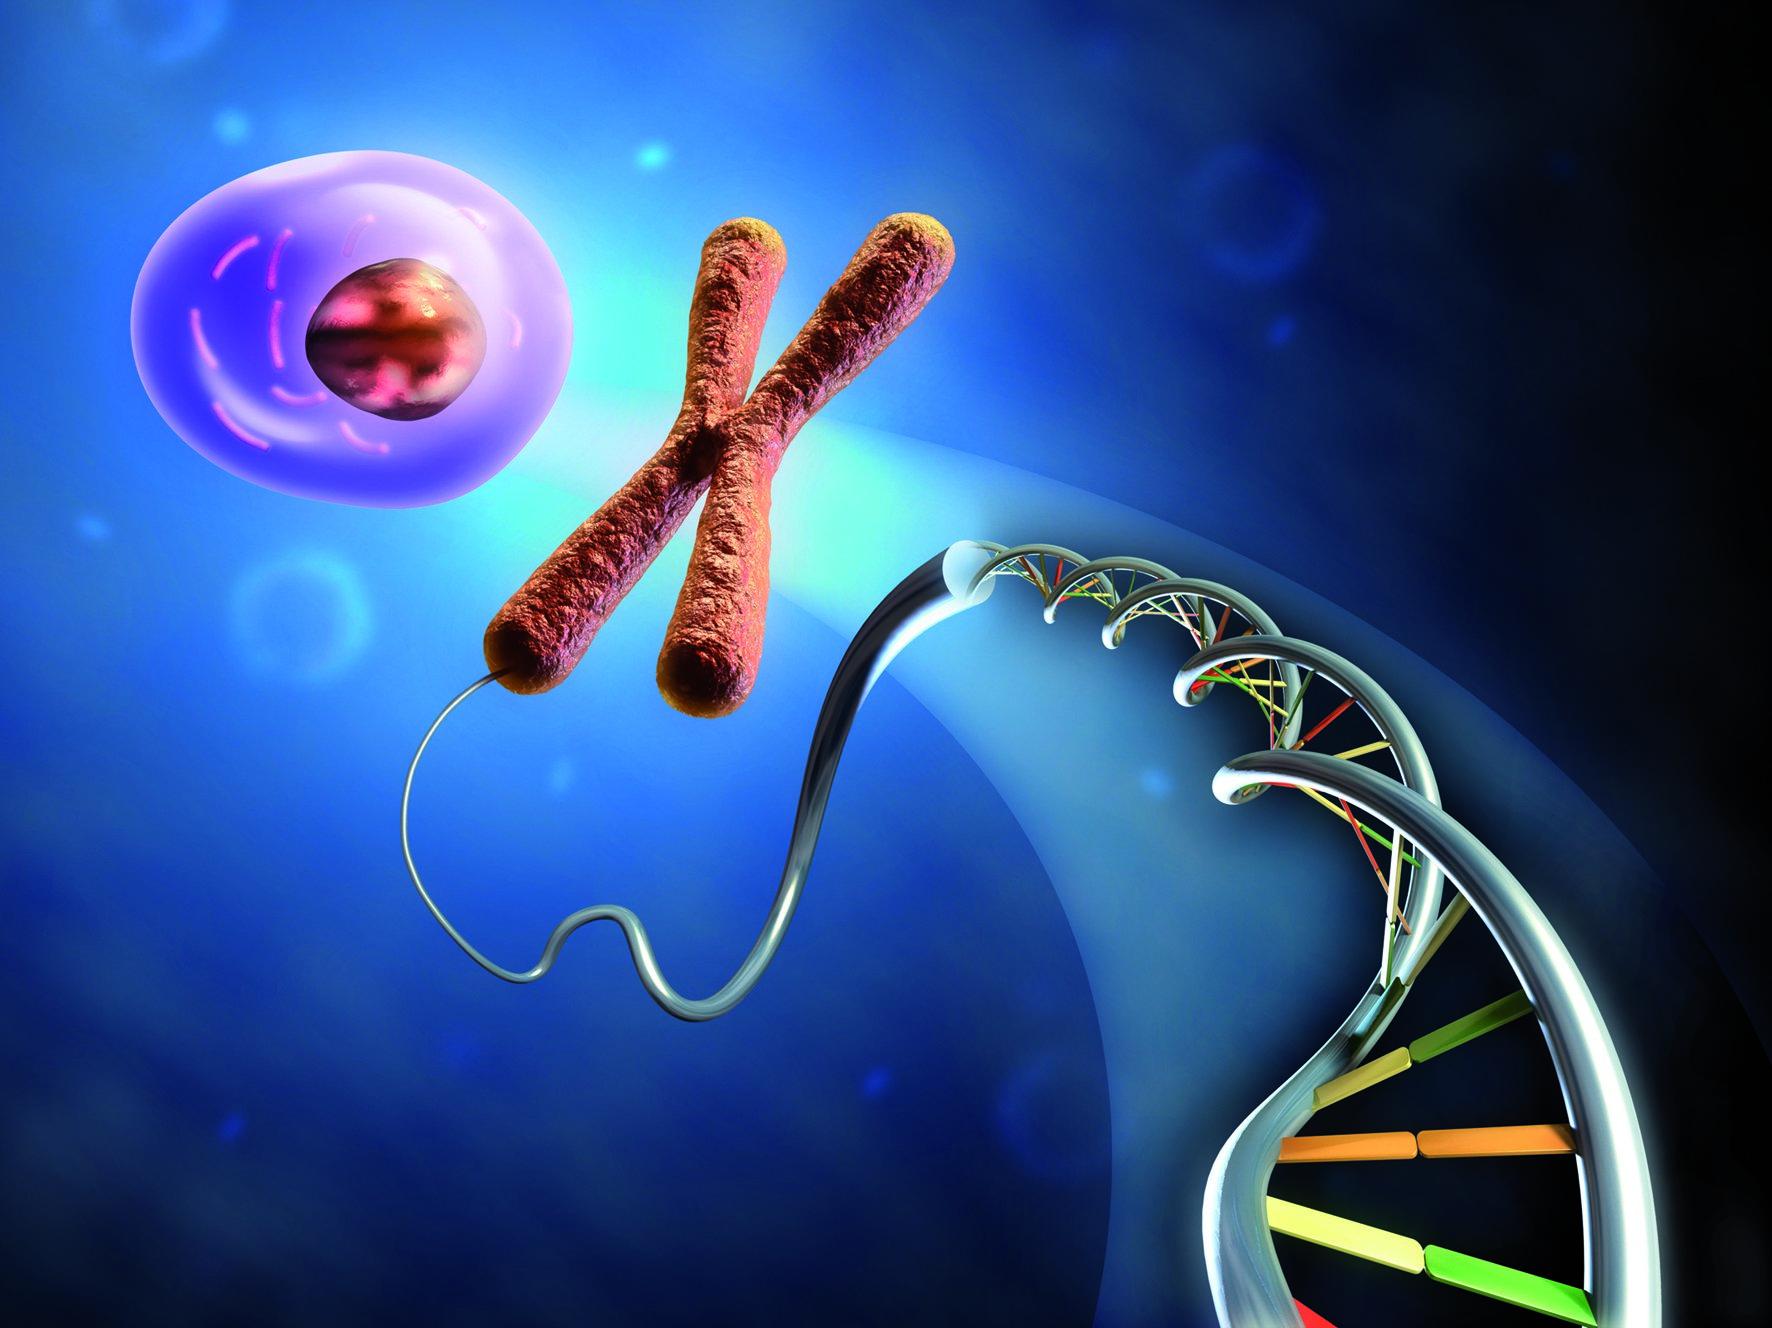 I tumori differiscono a seconda del DNA della persona affetta